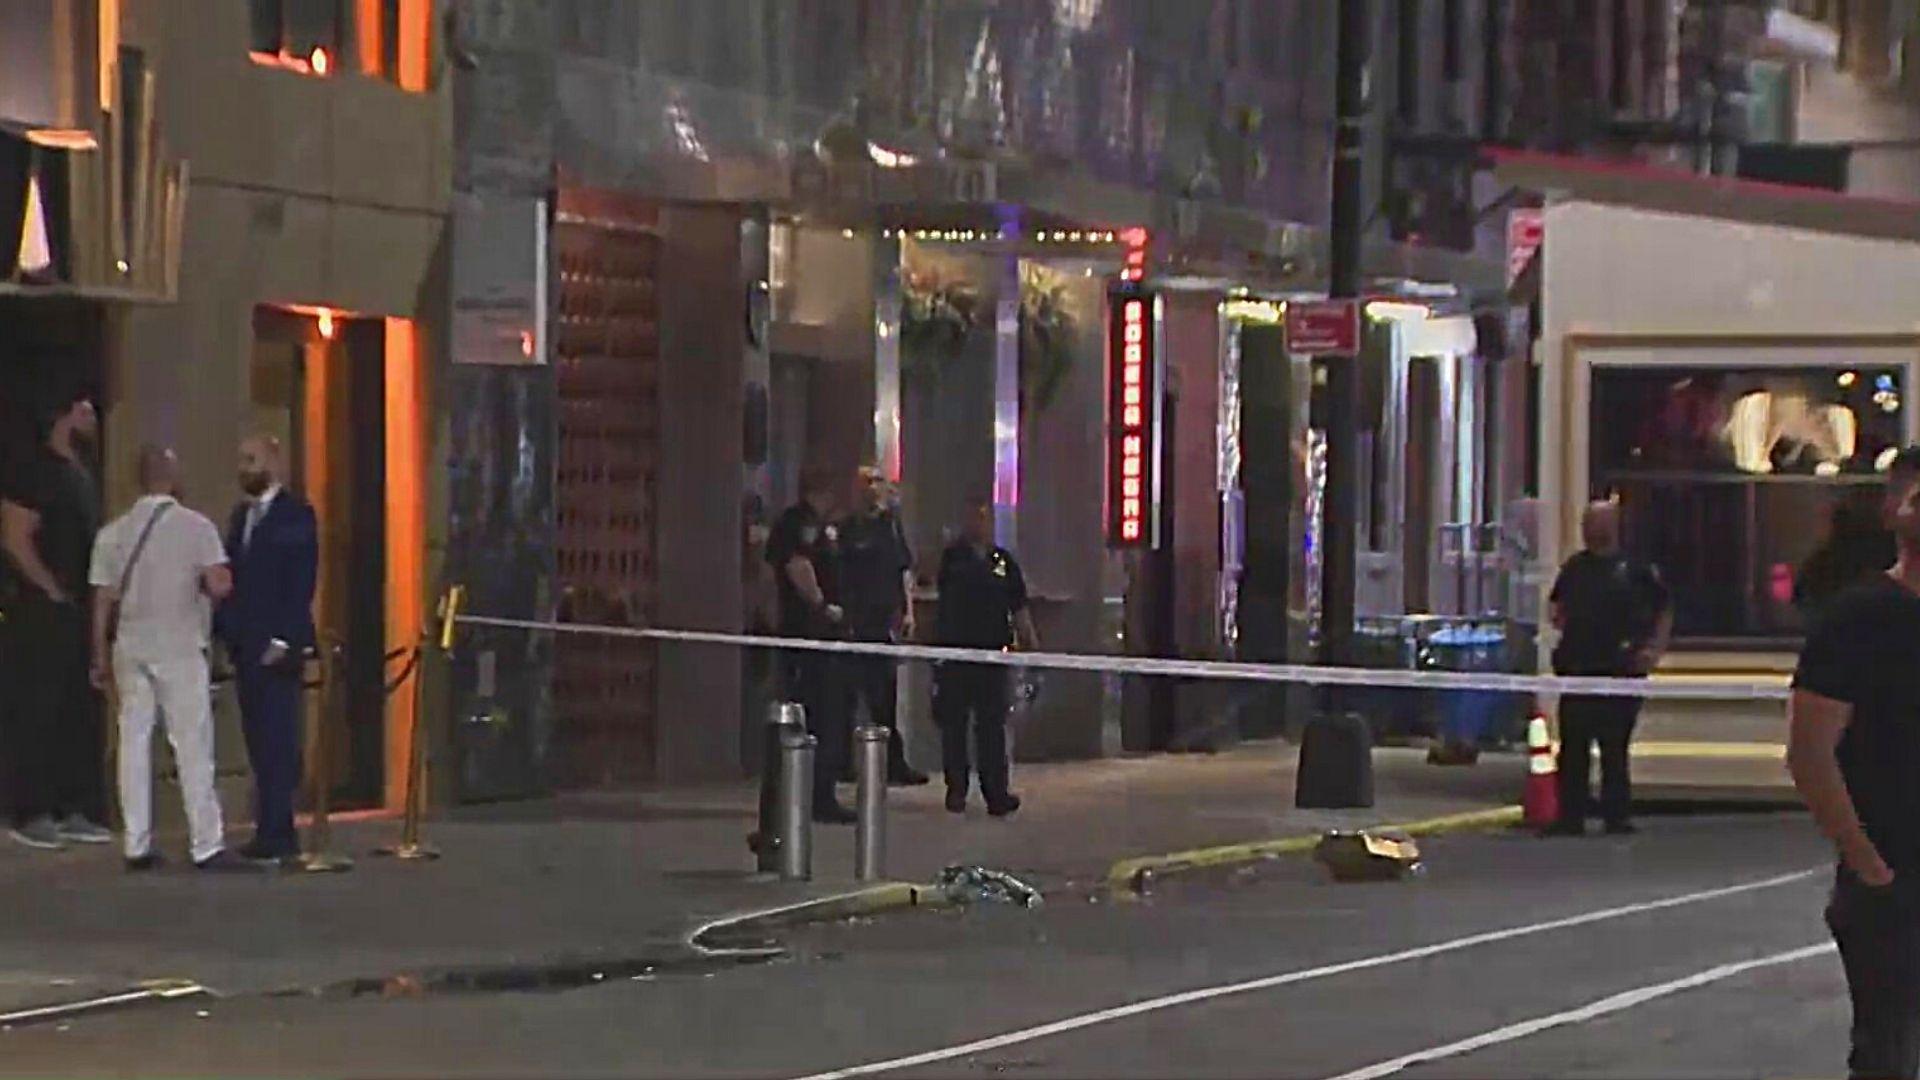 Man fatally shot outside Chelsea hotel